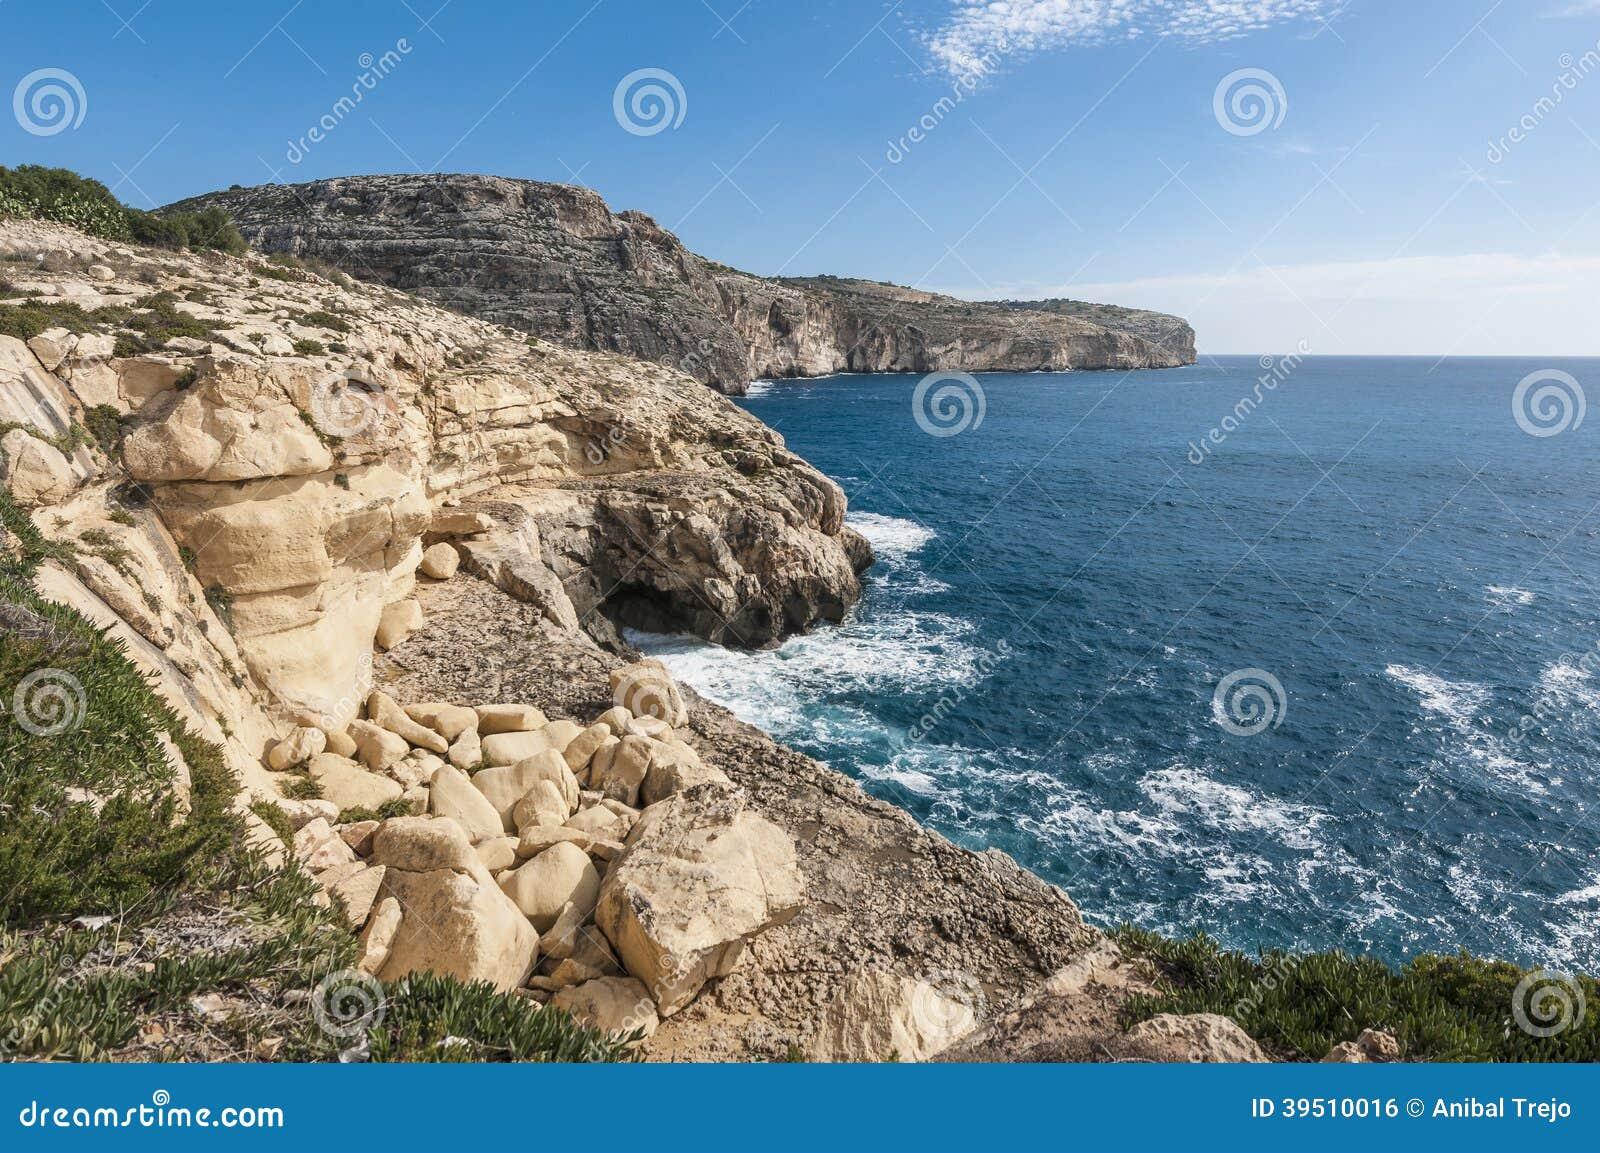 The Dingli Cliffs in Malta